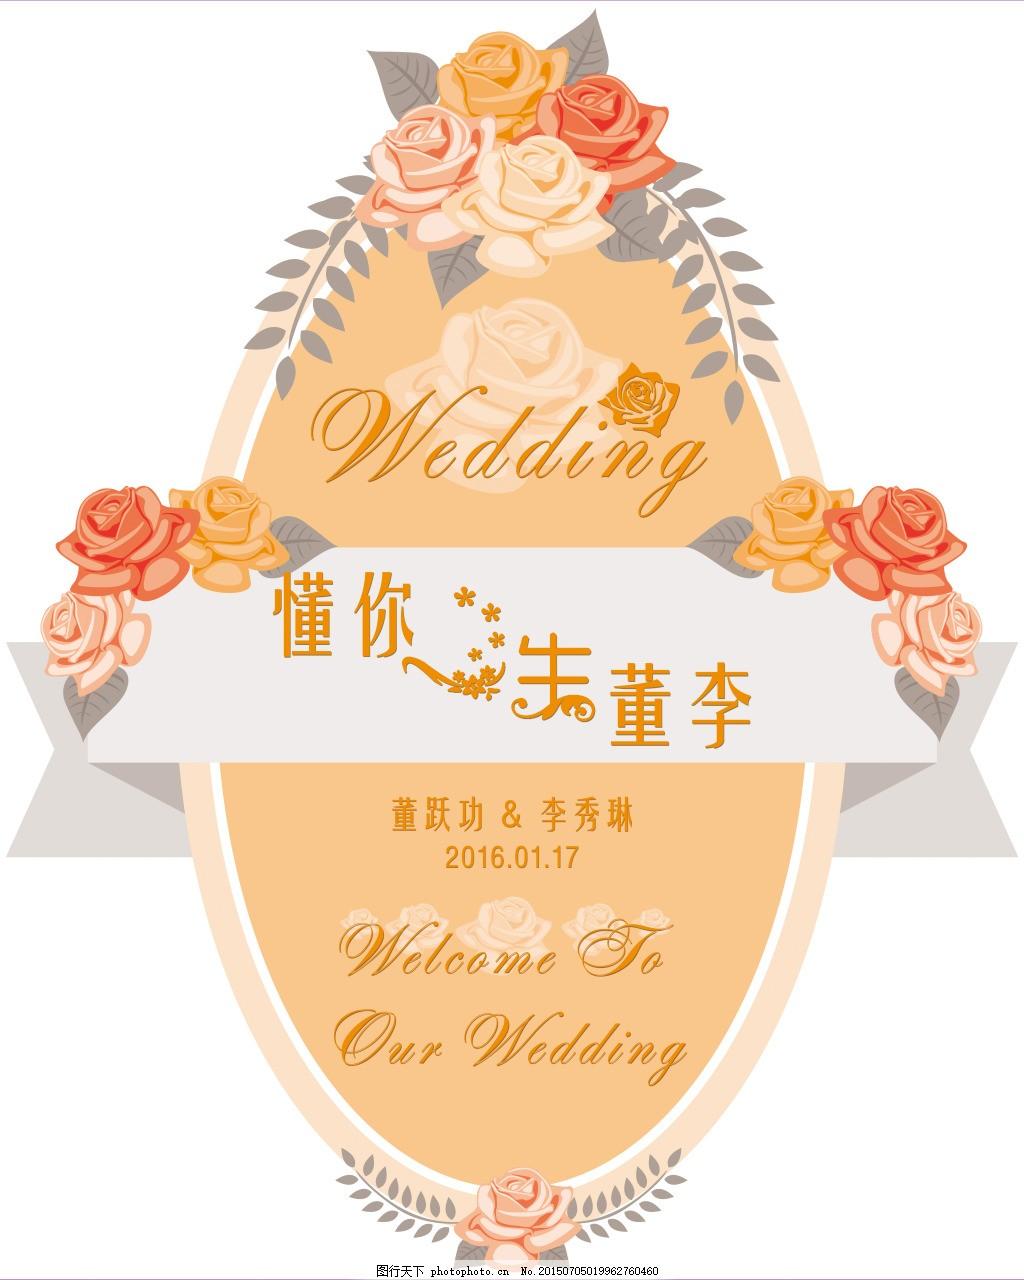 婚礼logo牌 边角 花边 婚庆 婚纱 剪影 卡通 蕾丝 欧式